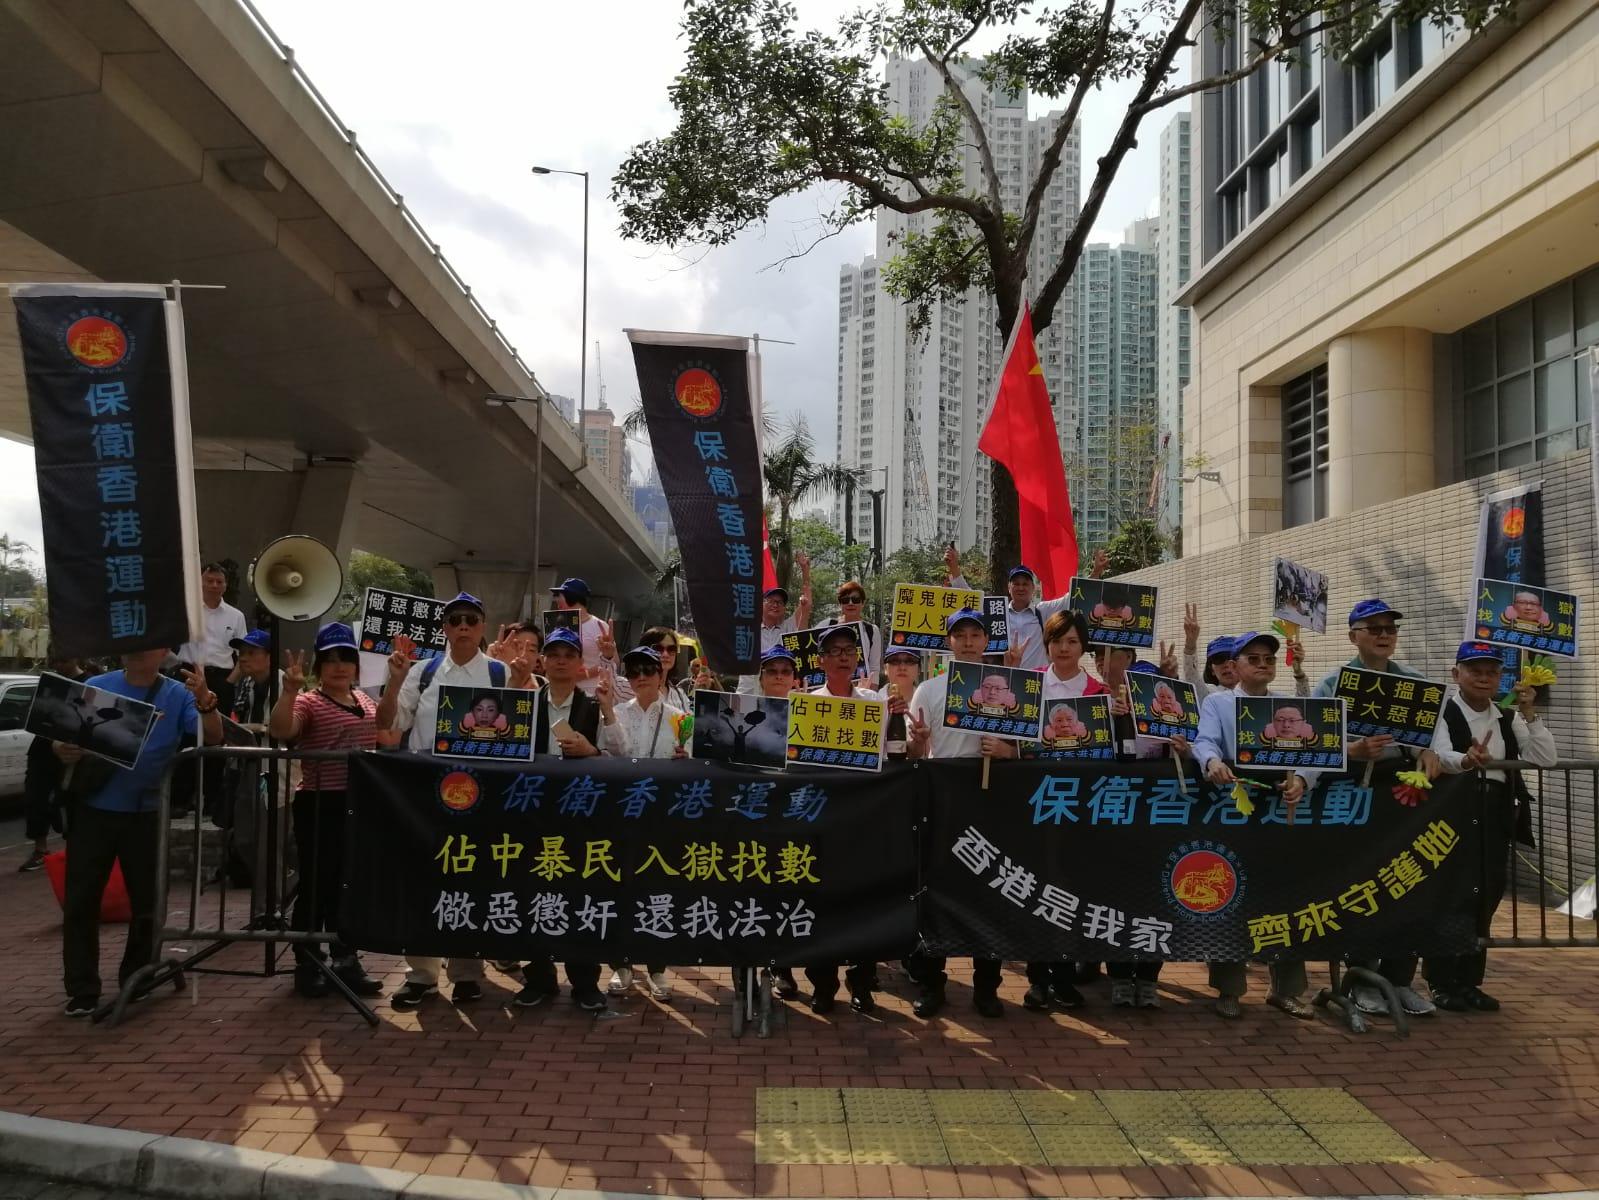 保衛香港運動 主辦「佔中暴民 入獄找數」集會